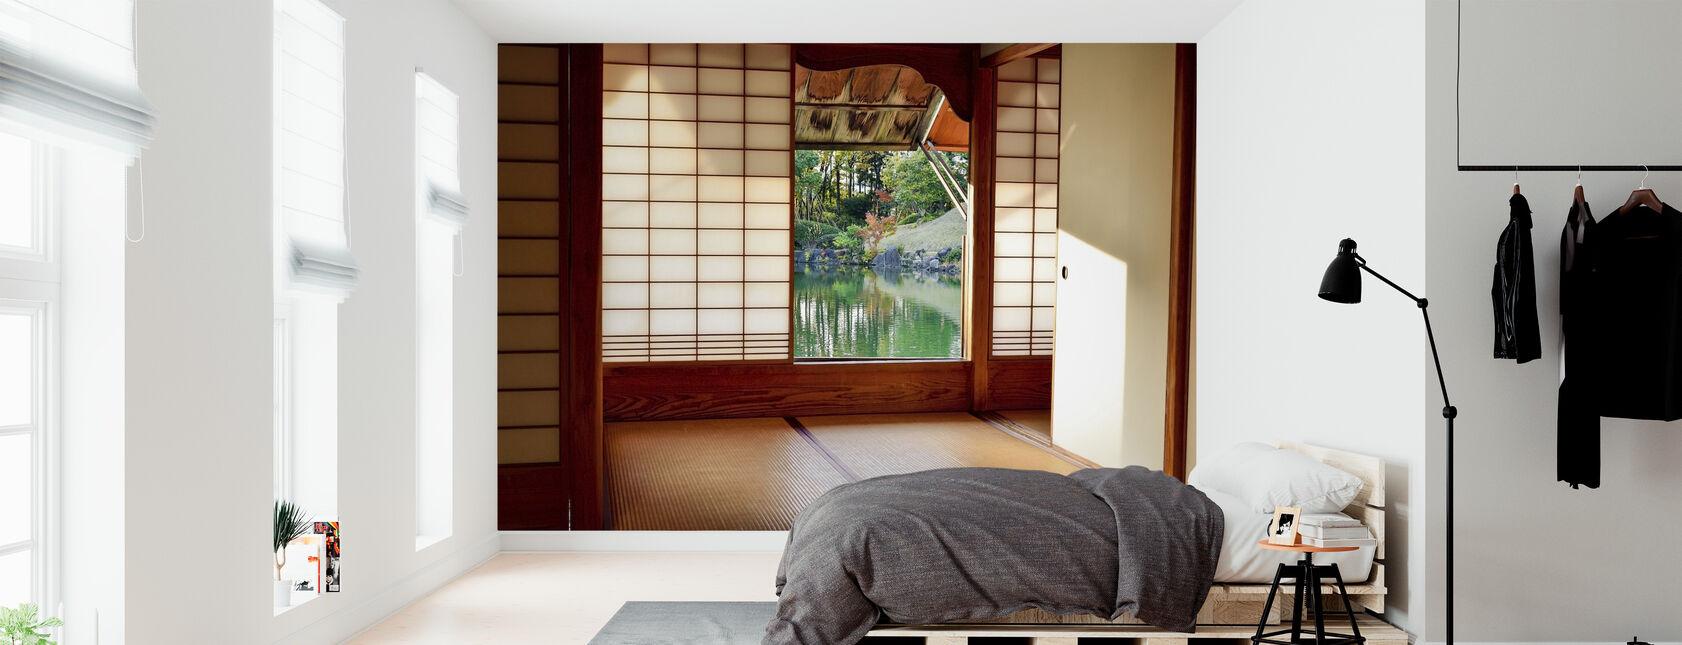 Chambre Japonaise - Papier peint - Chambre